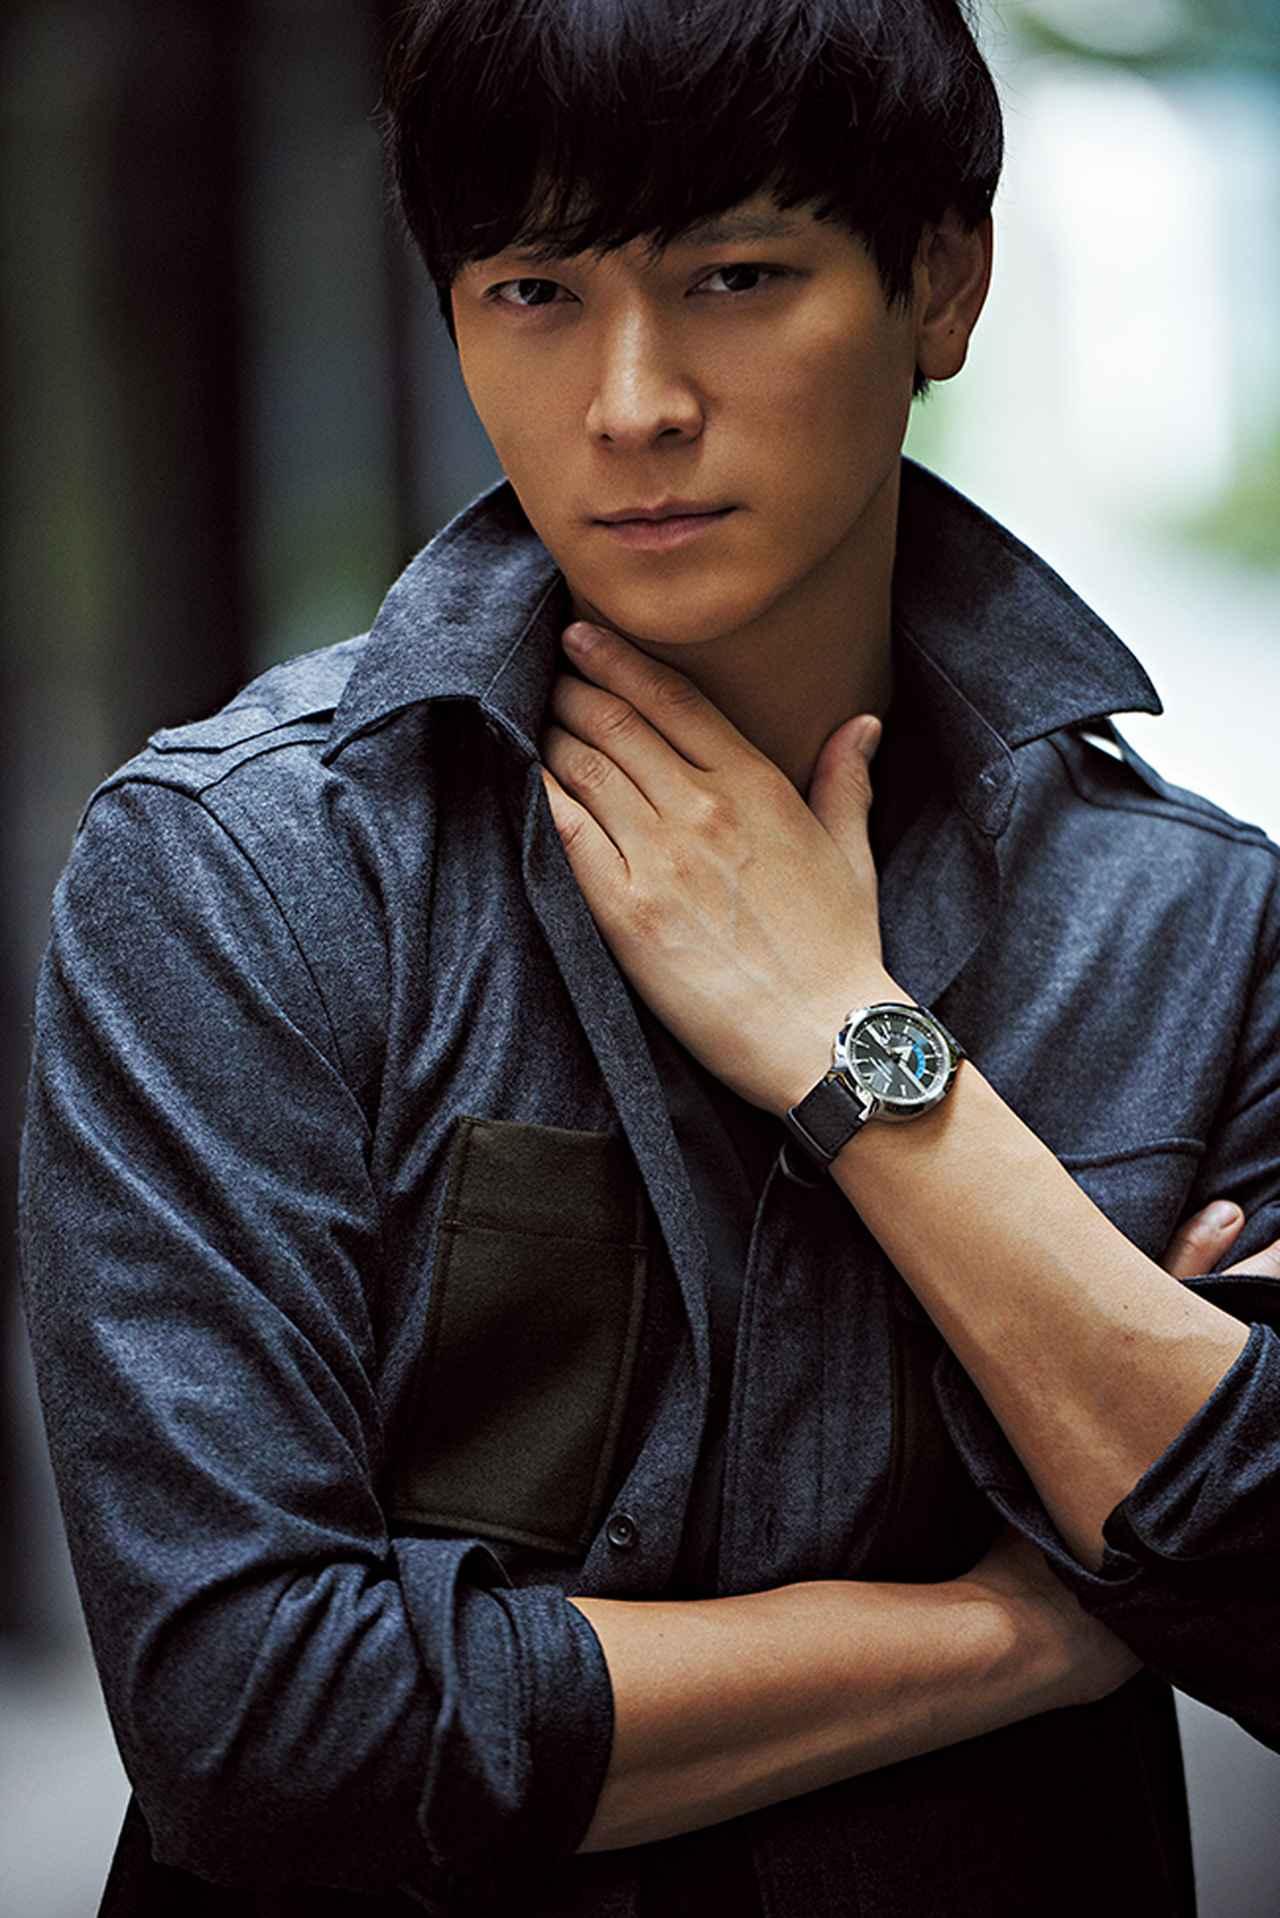 """Images : 5番目の画像 - 「俳優カン・ドンウォンが着こなす """"スタイル""""のある服」のアルバム - T JAPAN:The New York Times Style Magazine 公式サイト"""